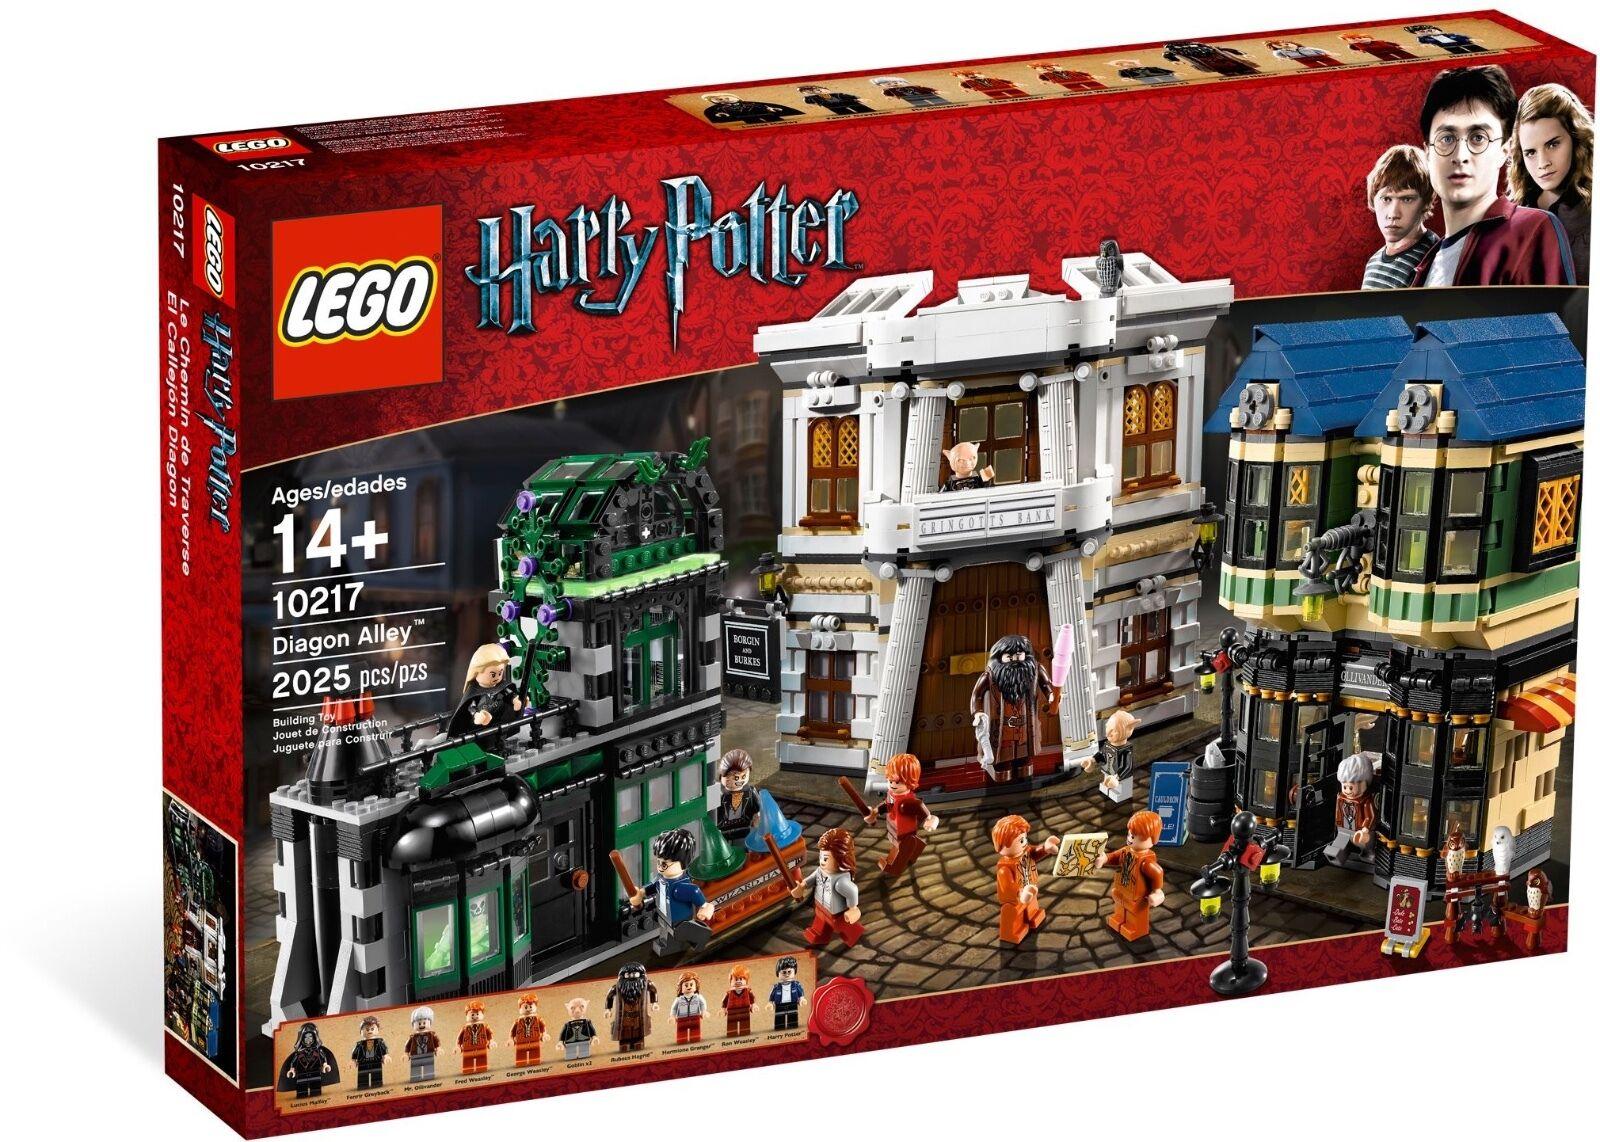 Nuevo  Lego Harry Potter Diagon Alley 10217  Caja tiene abolladuras y o pliegues